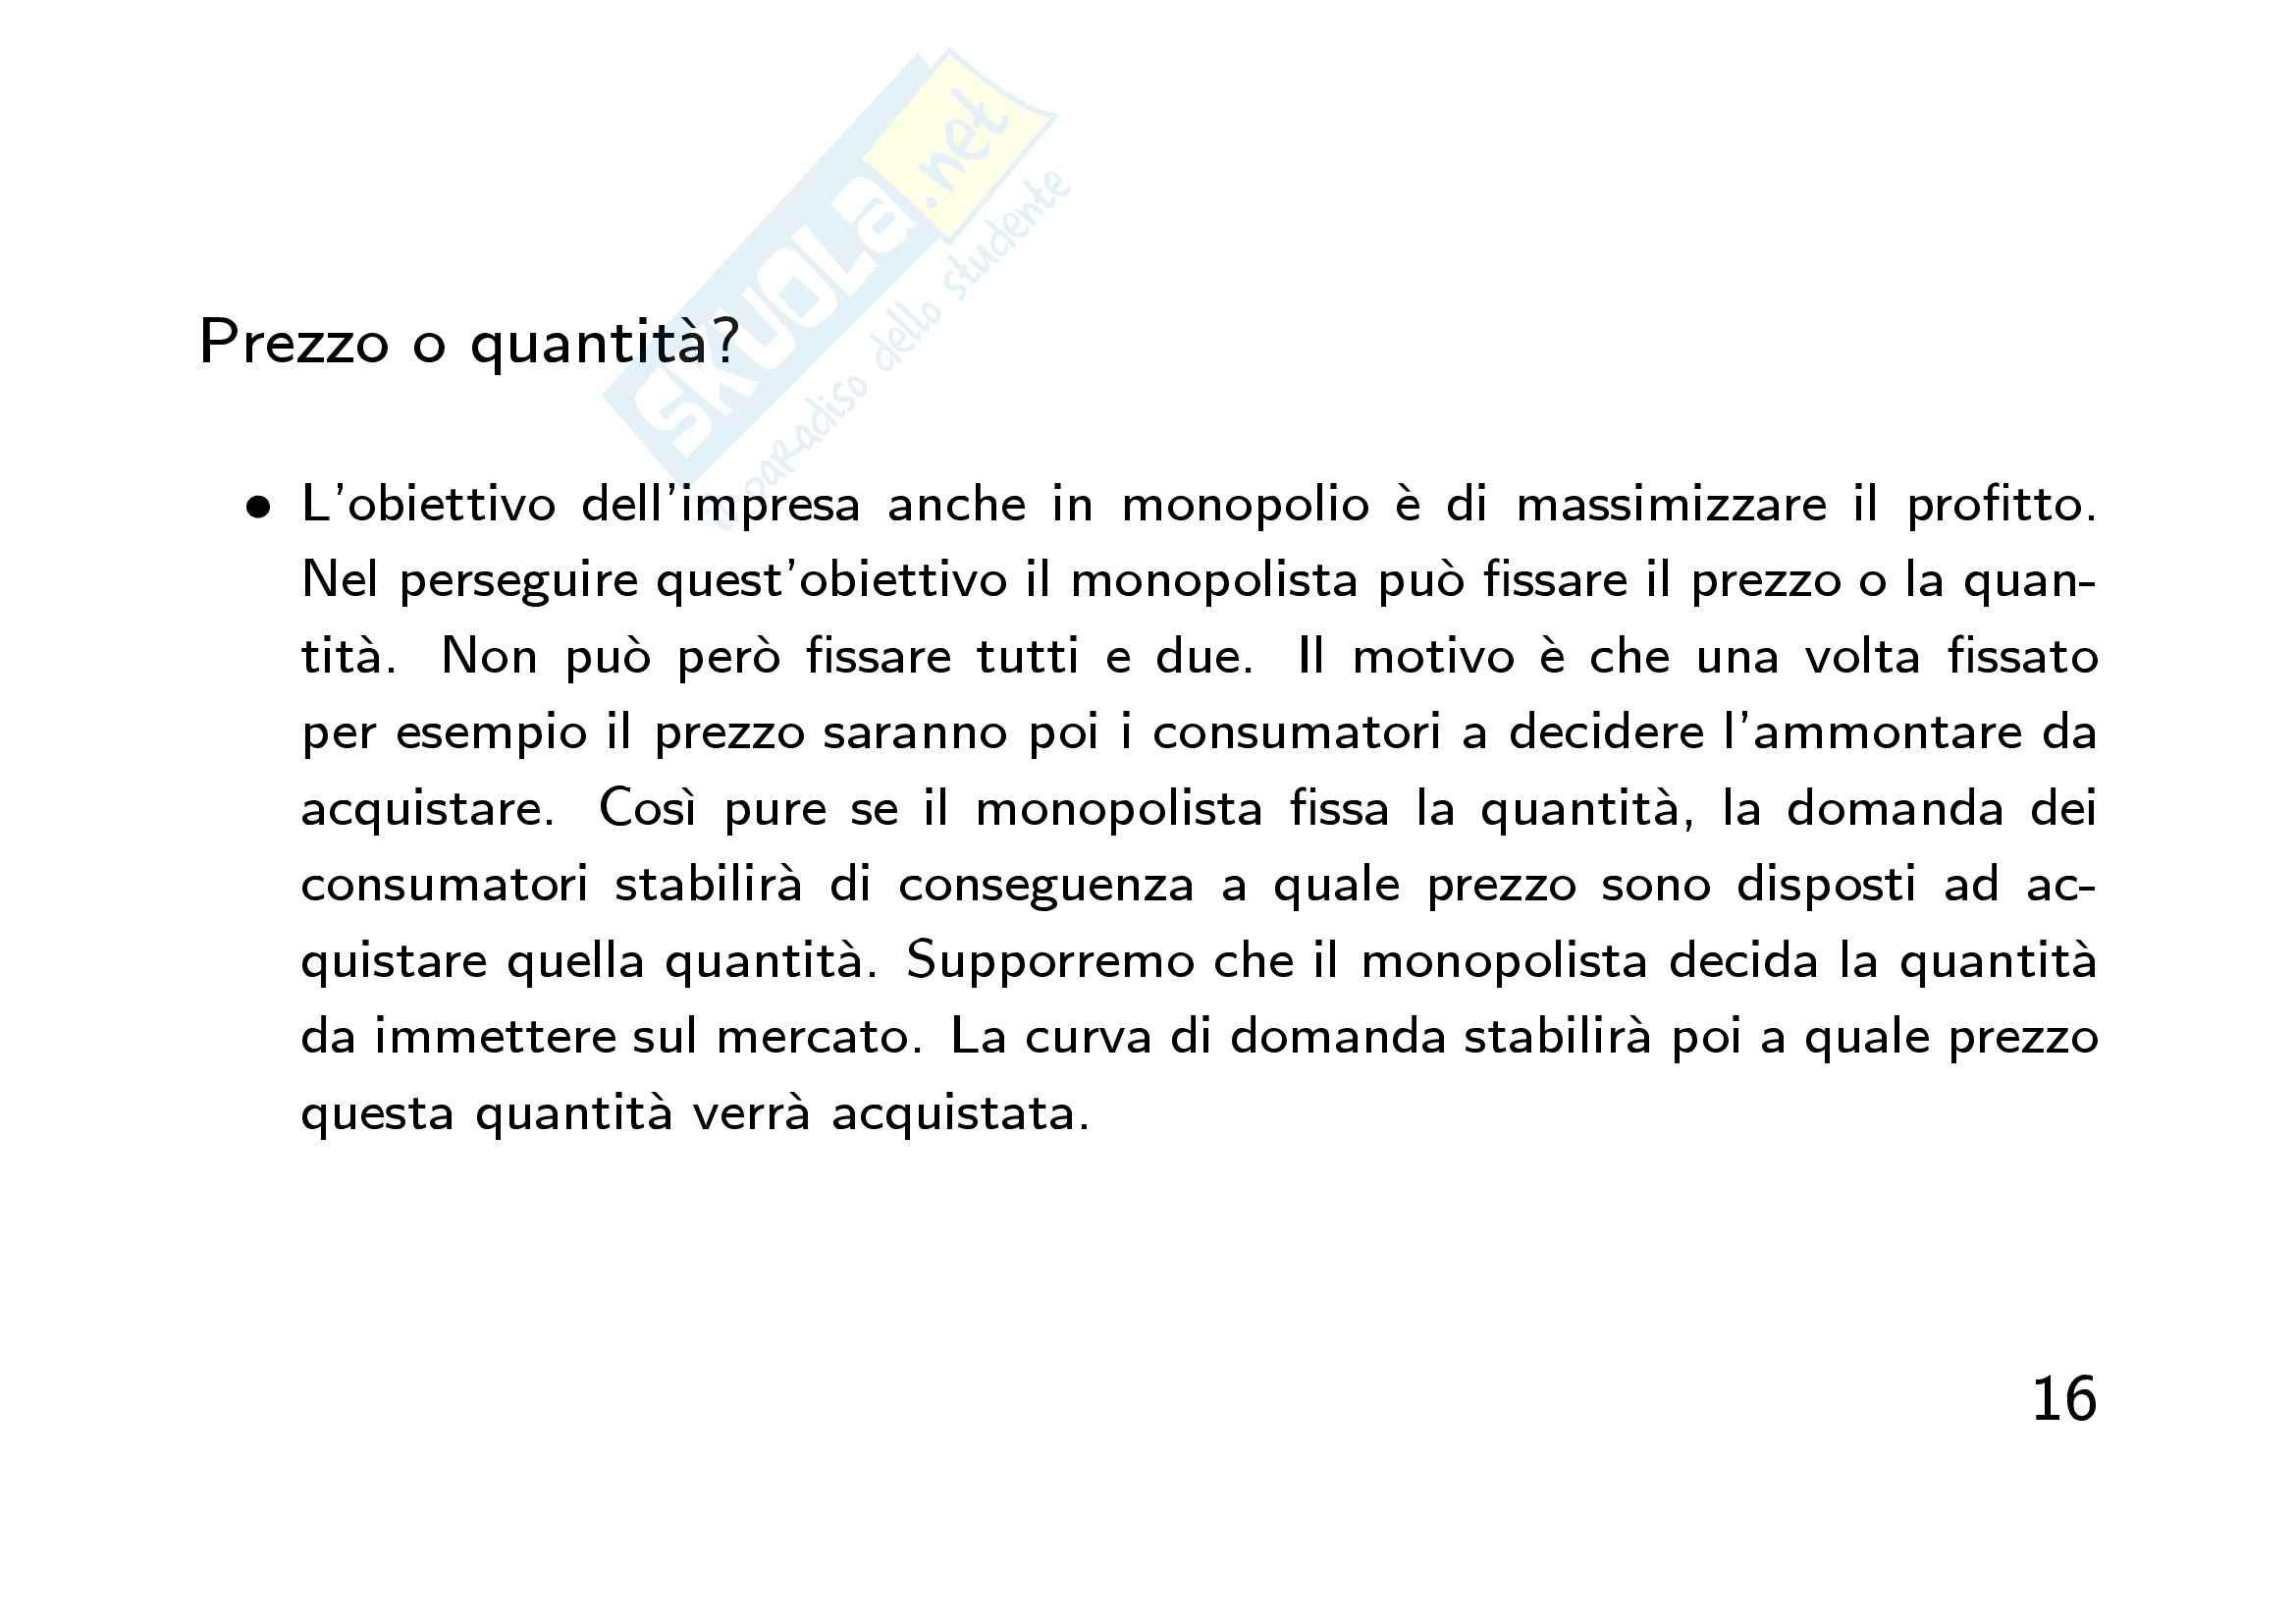 Economia finanziaria - la  mano invisibile Pag. 16